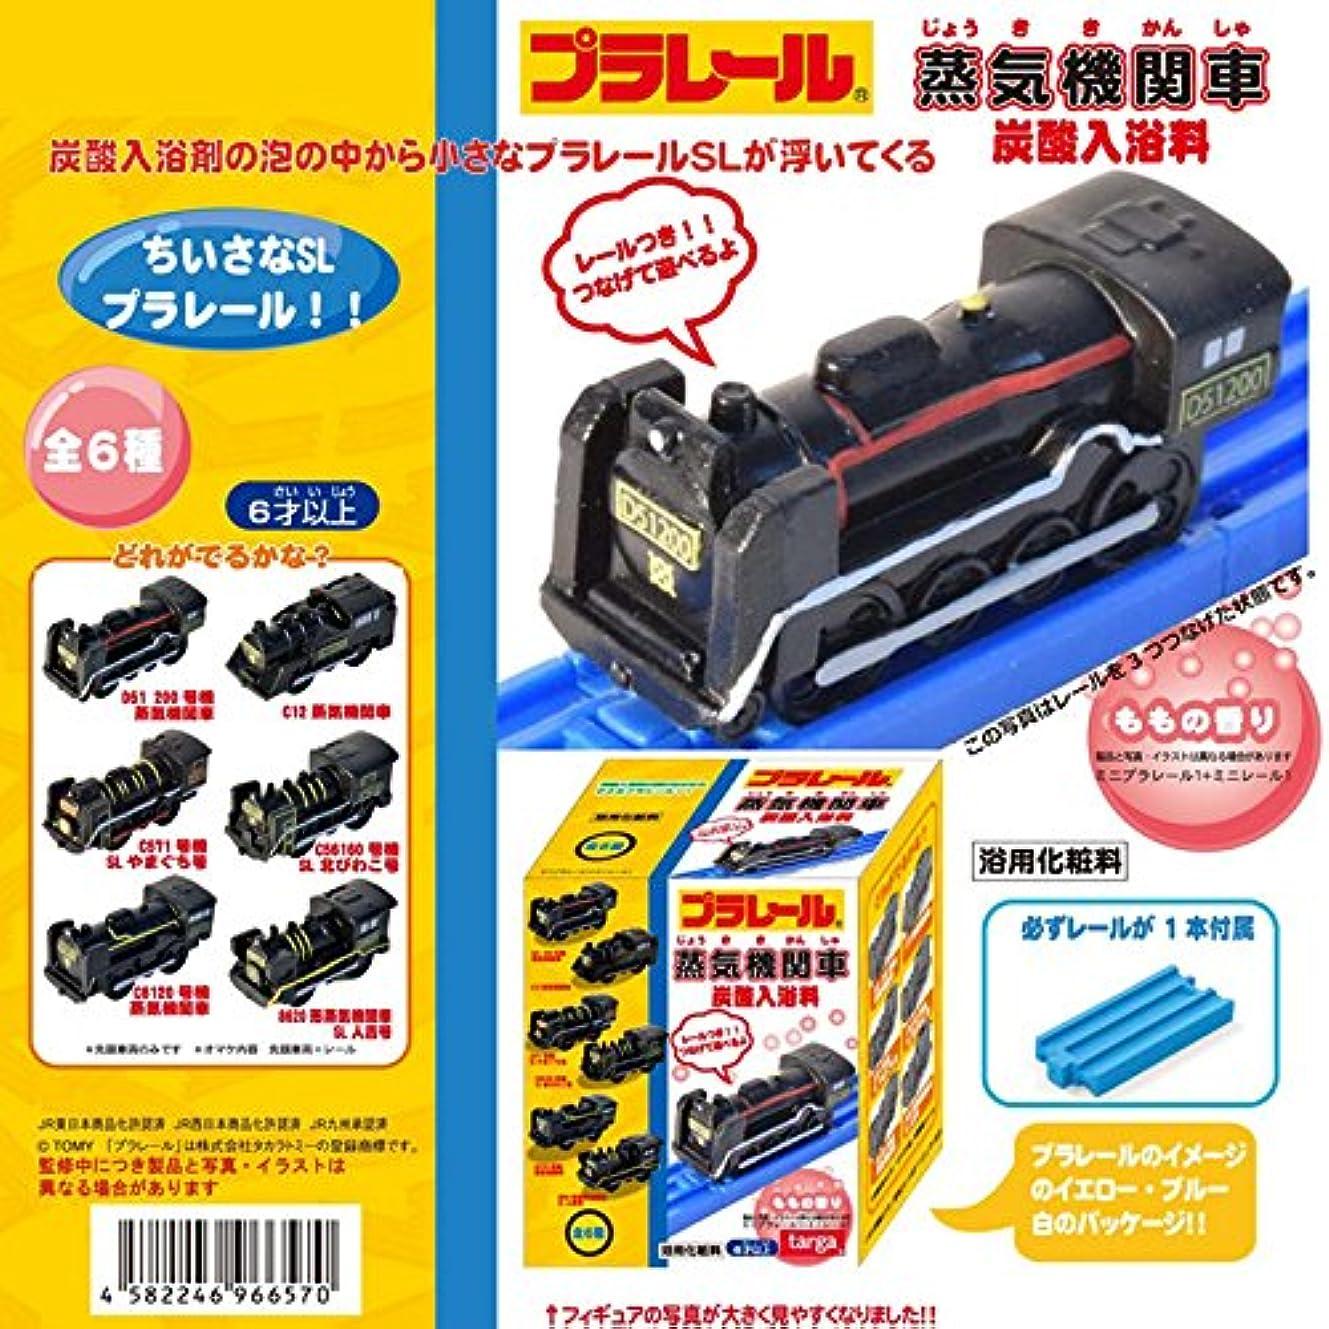 高度蒸手書きプラレール 蒸気機関車 炭酸入浴料 6個1セット ももの香り レールつき機関車 入浴剤